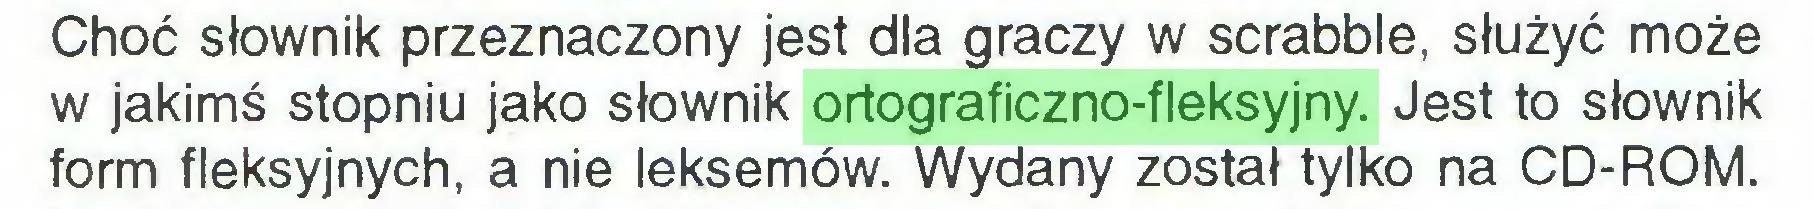 (...) Choć słownik przeznaczony jest dla graczy w scrabble, służyć może w jakimś stopniu jako słownik ortograficzno-fleksyjny. Jest to słownik form fleksyjnych, a nie leksemów. Wydany został tylko na CD-ROM...